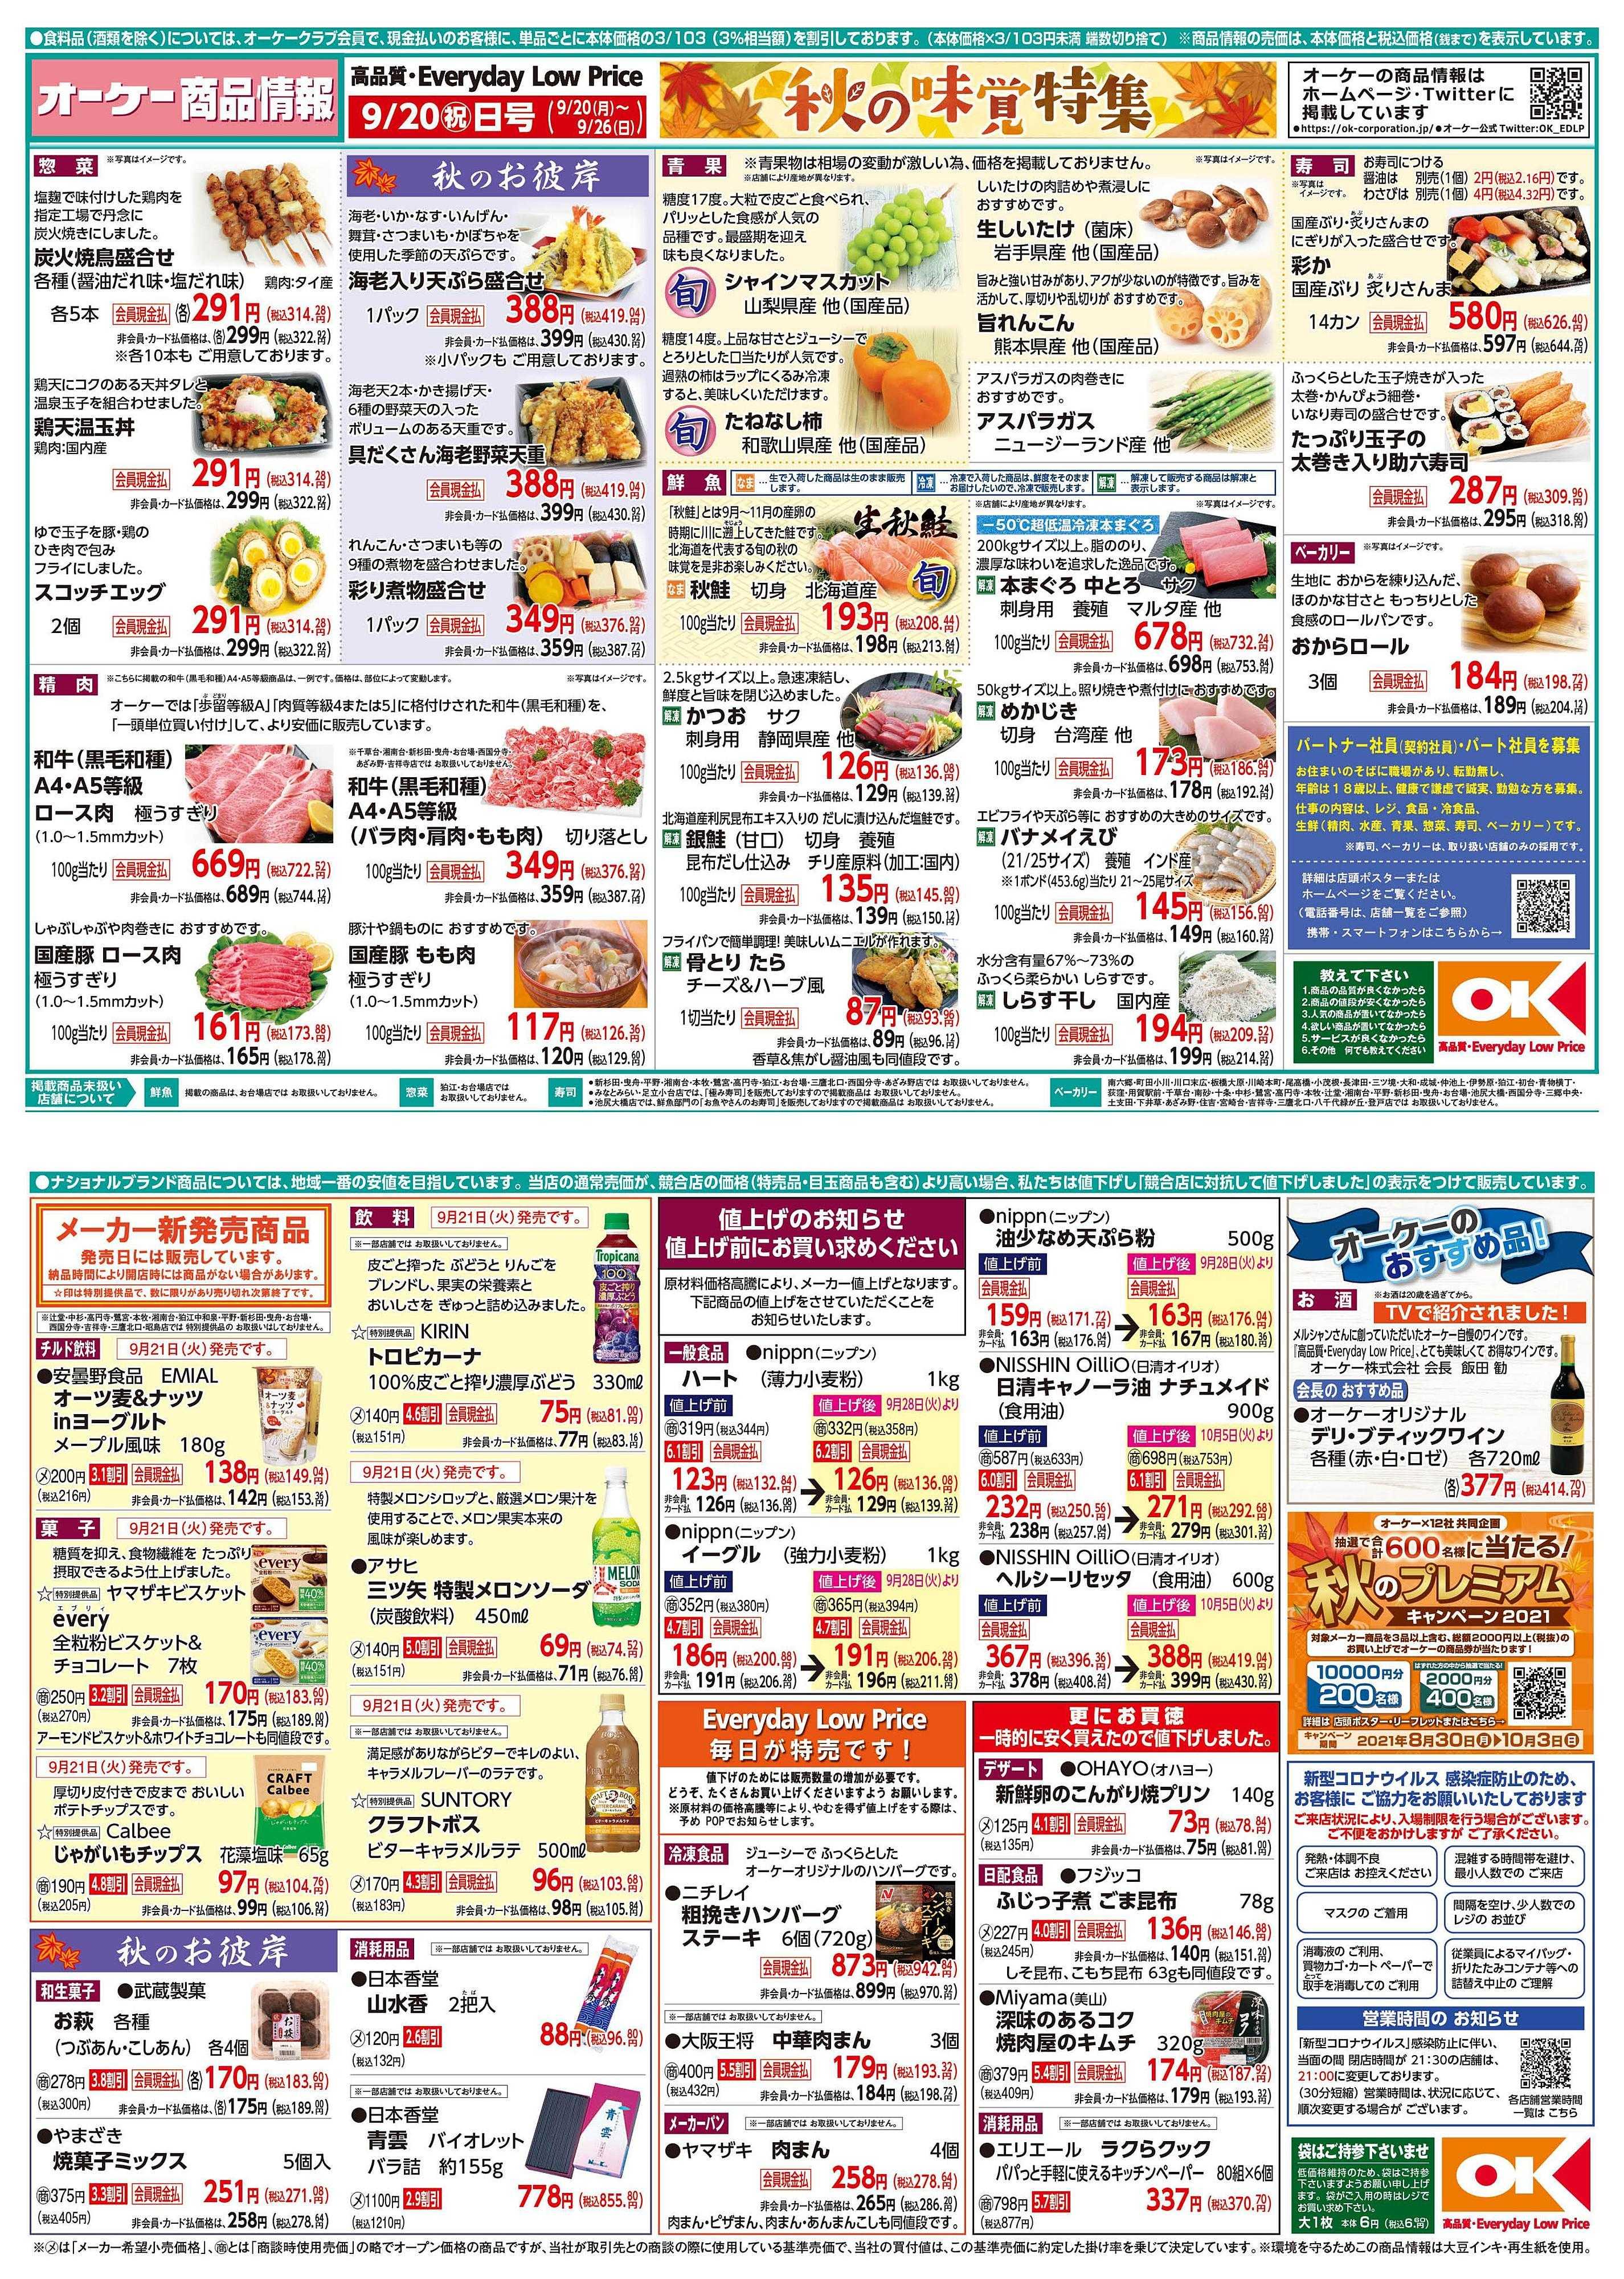 オーケー 商品情報紙9月20日号